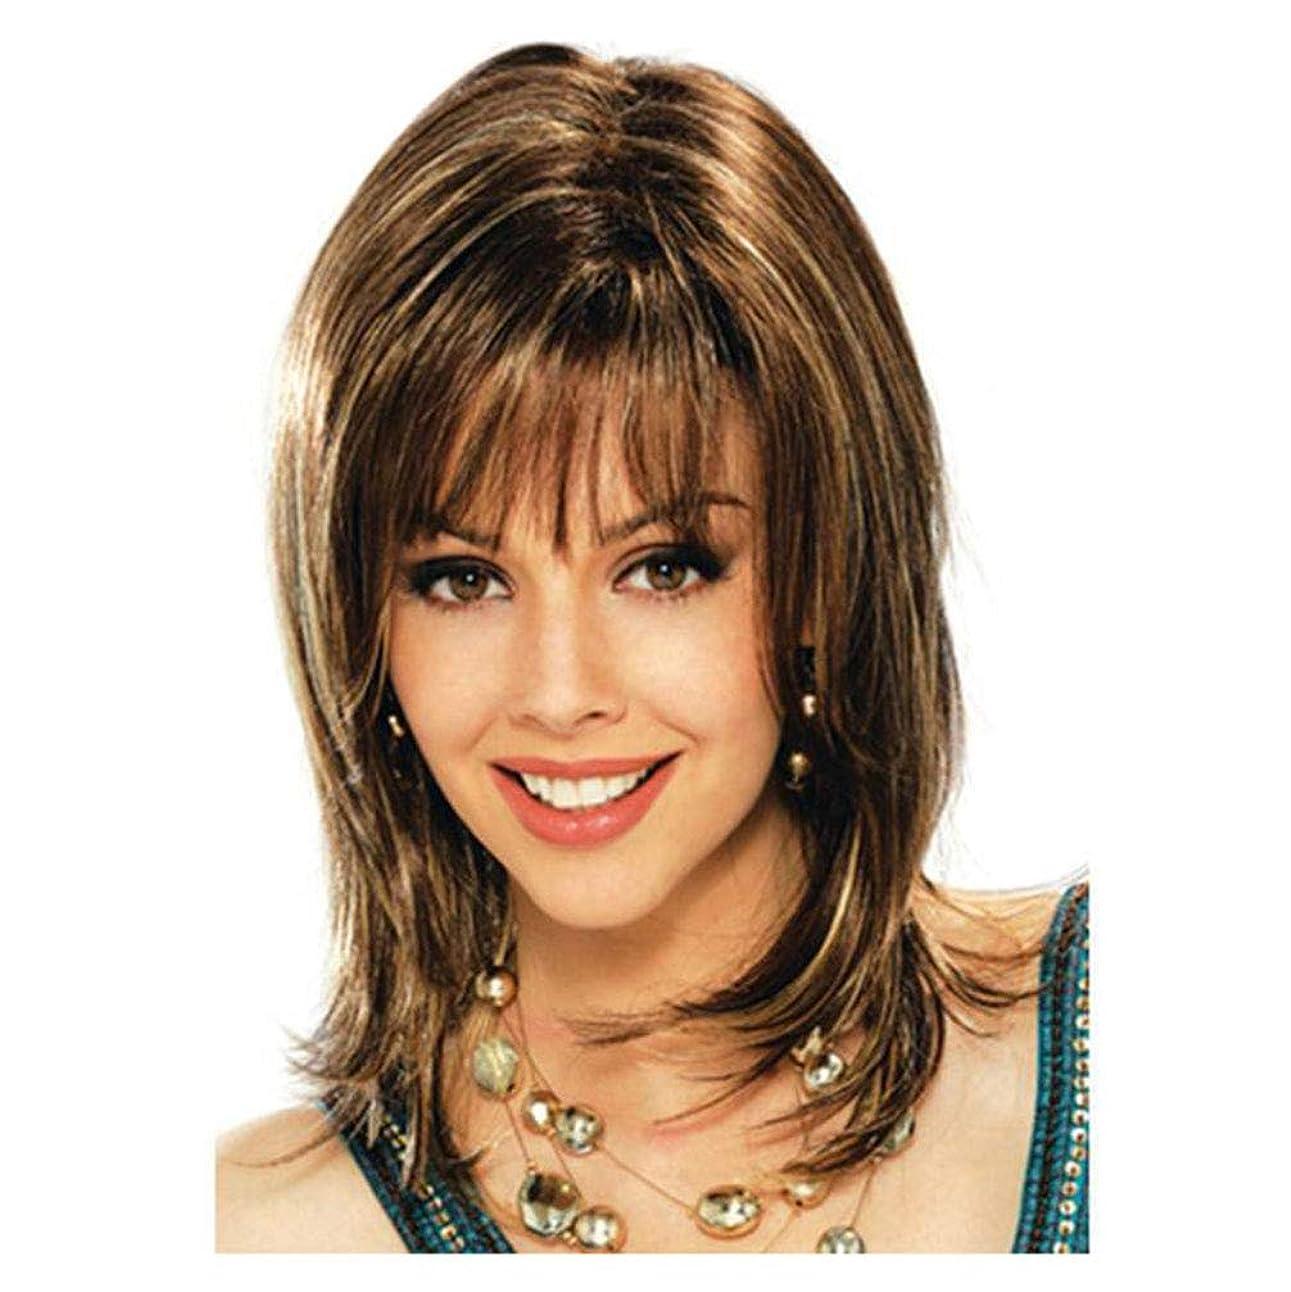 花瓶大学院ロビーウィッグかつらショートカーリーライトブラウンハイライト耐熱合成前髪とともに女性